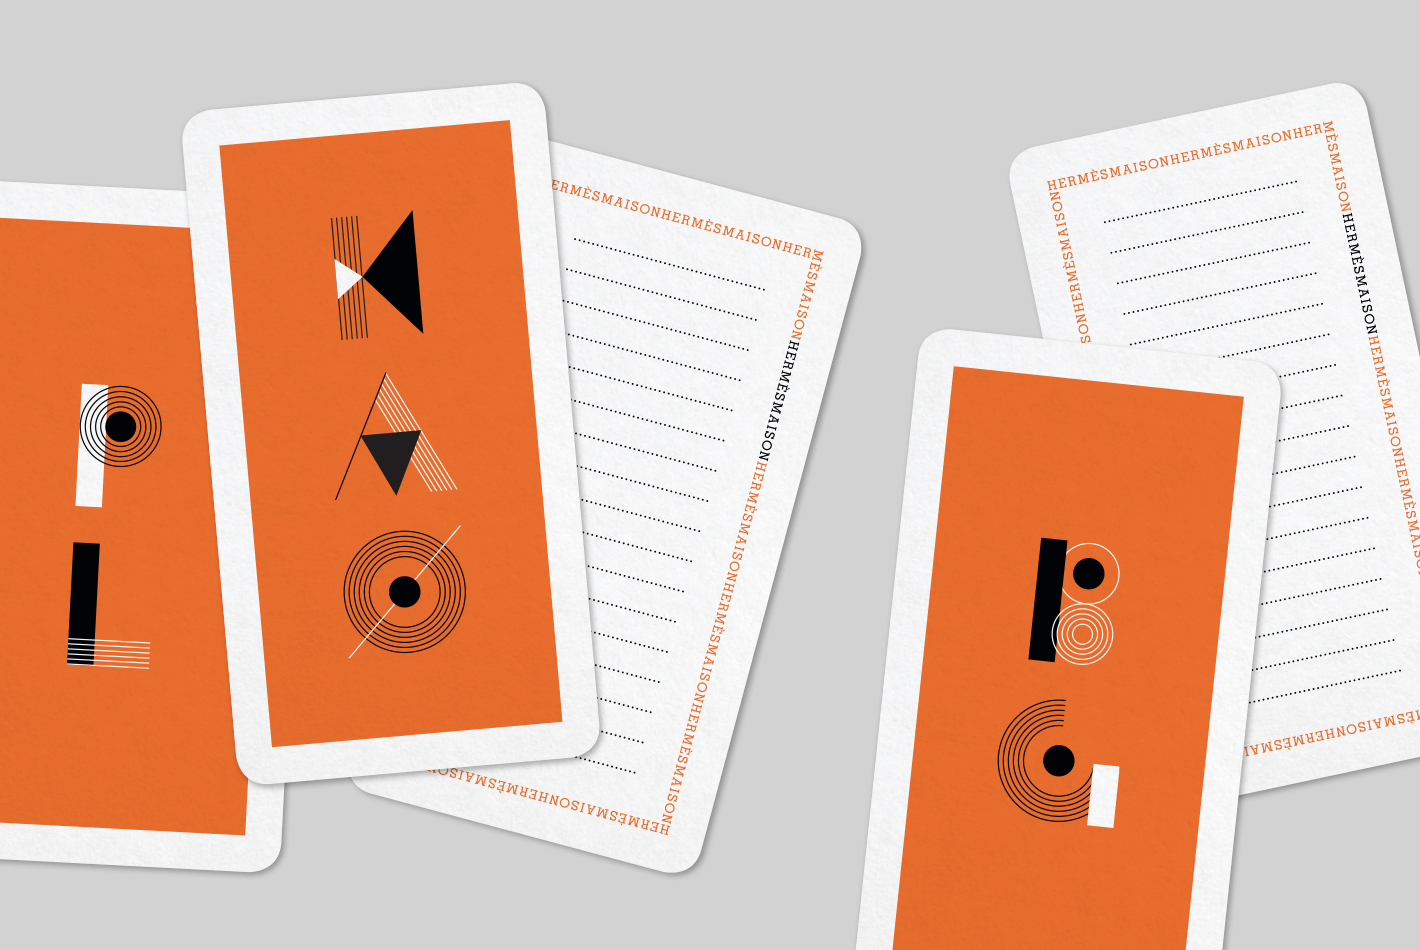 Maison hermes paris buy online the product voyage en for Paris orange card